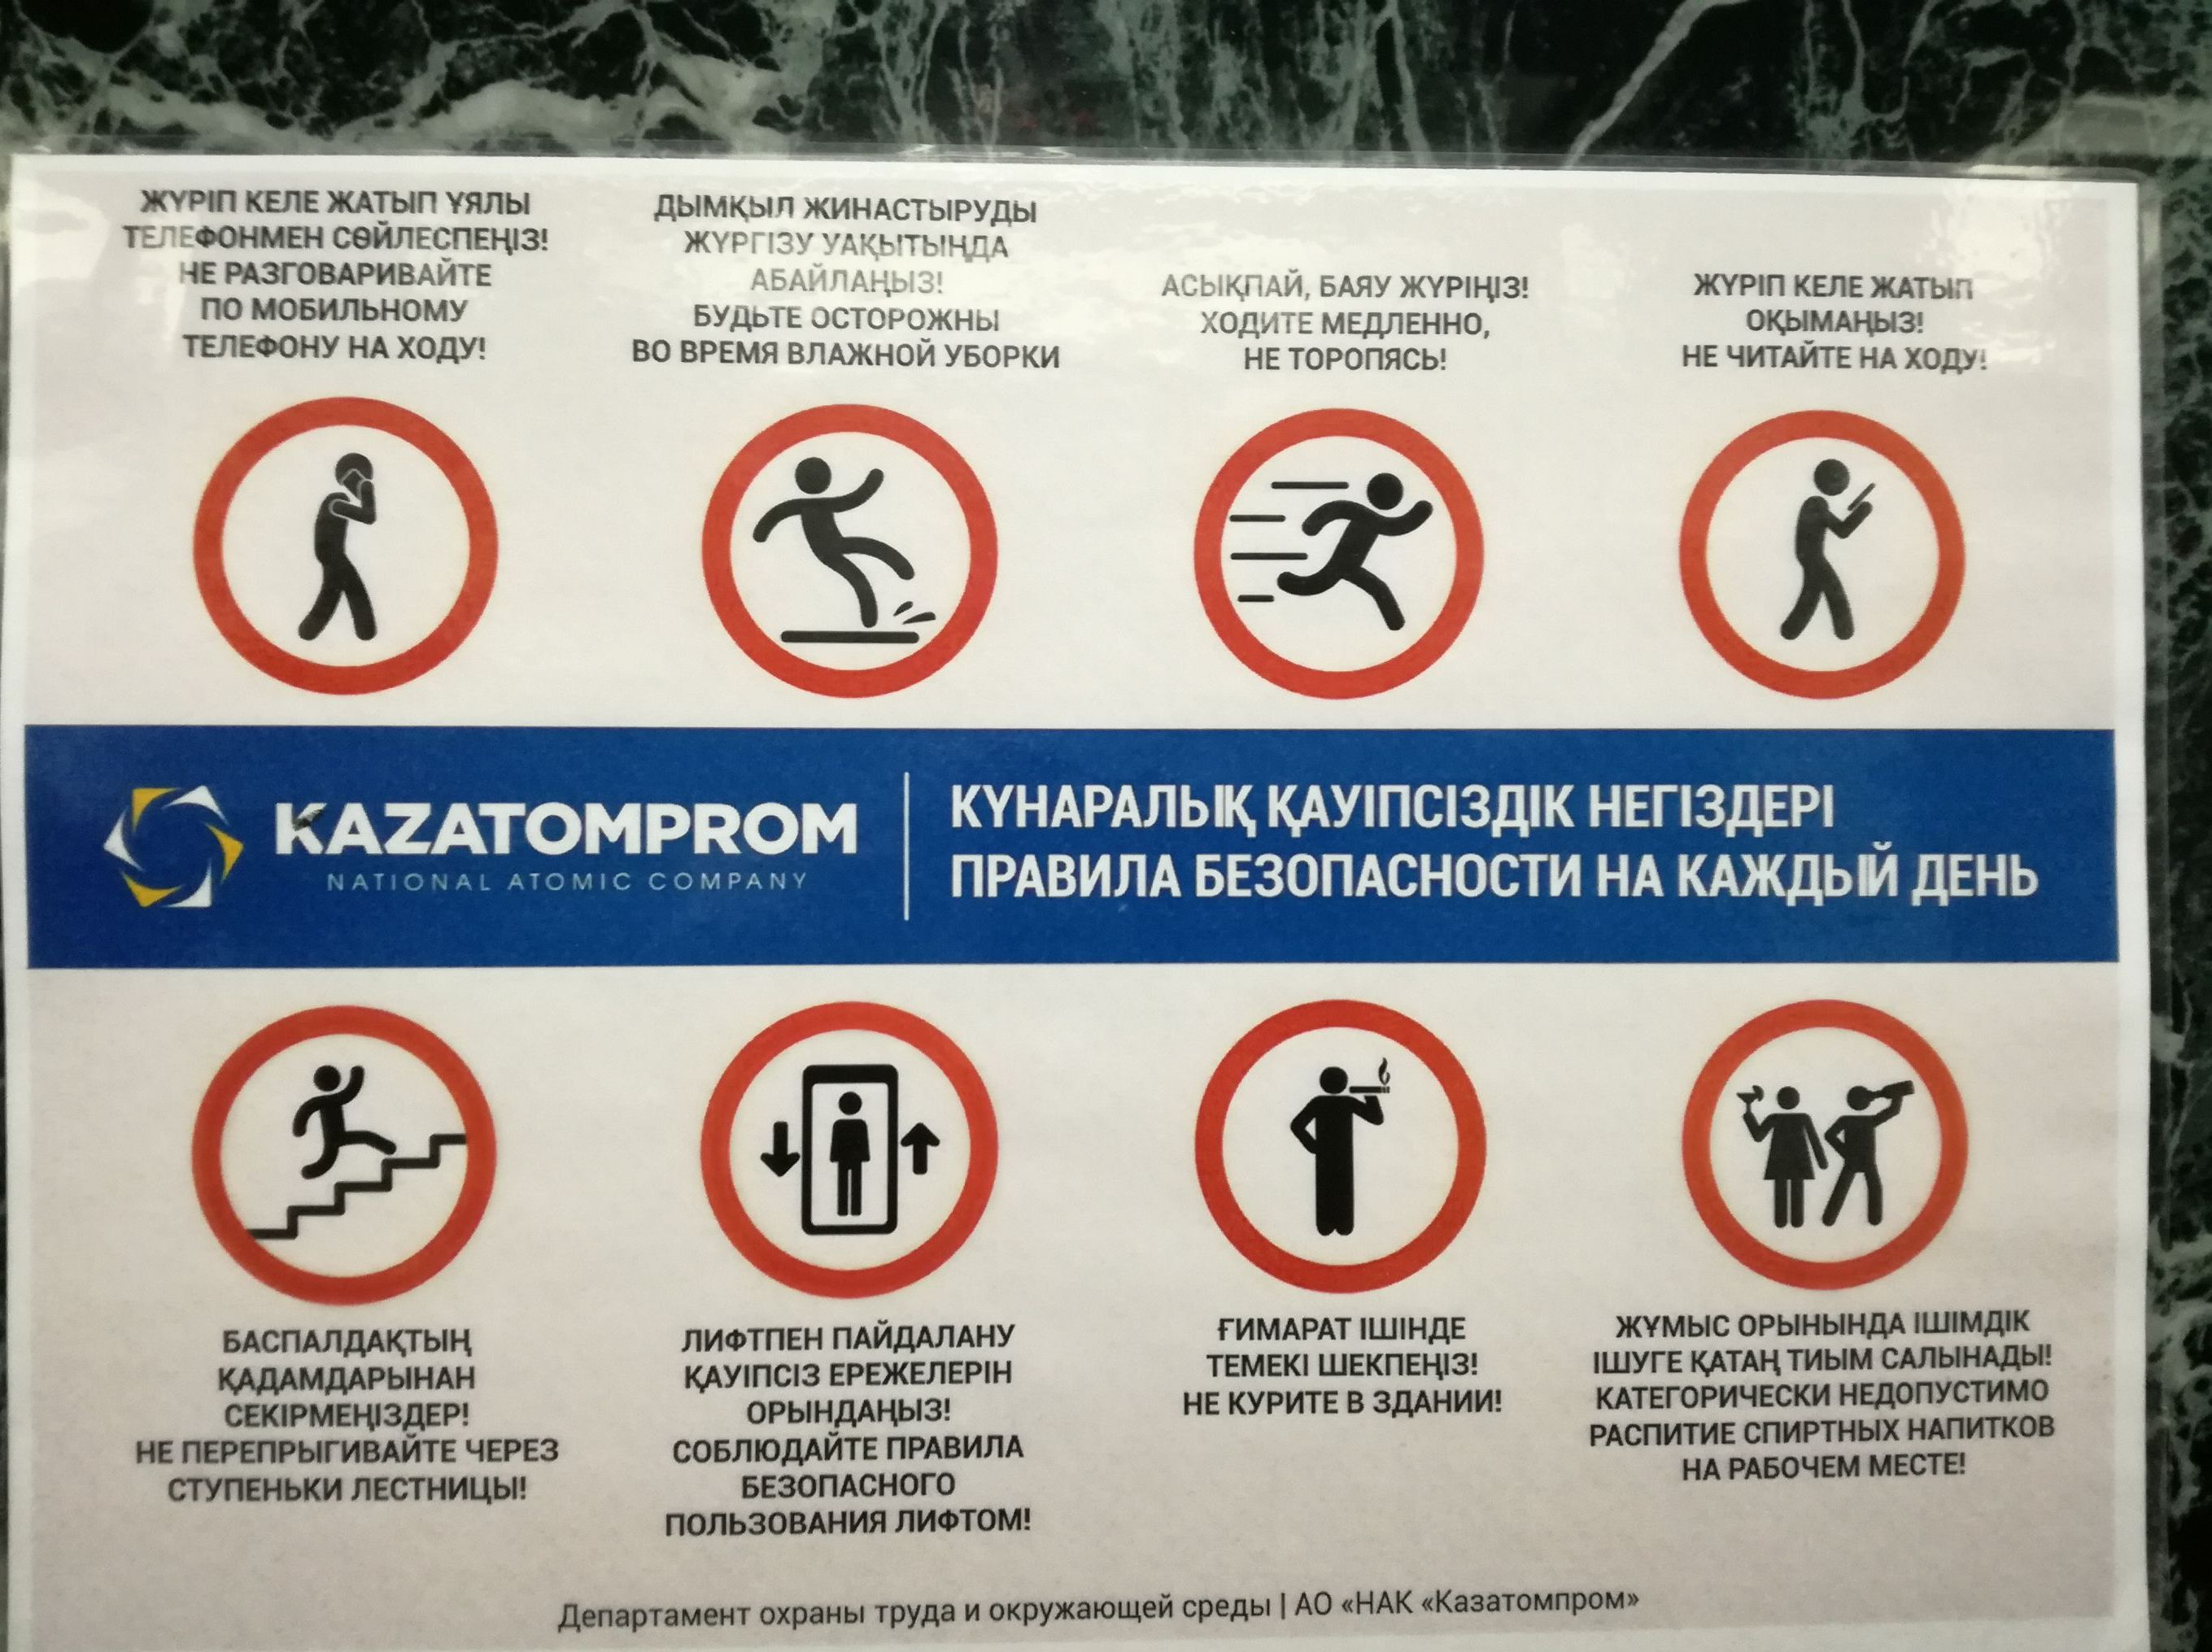 Лифтті пайдалану ережелері